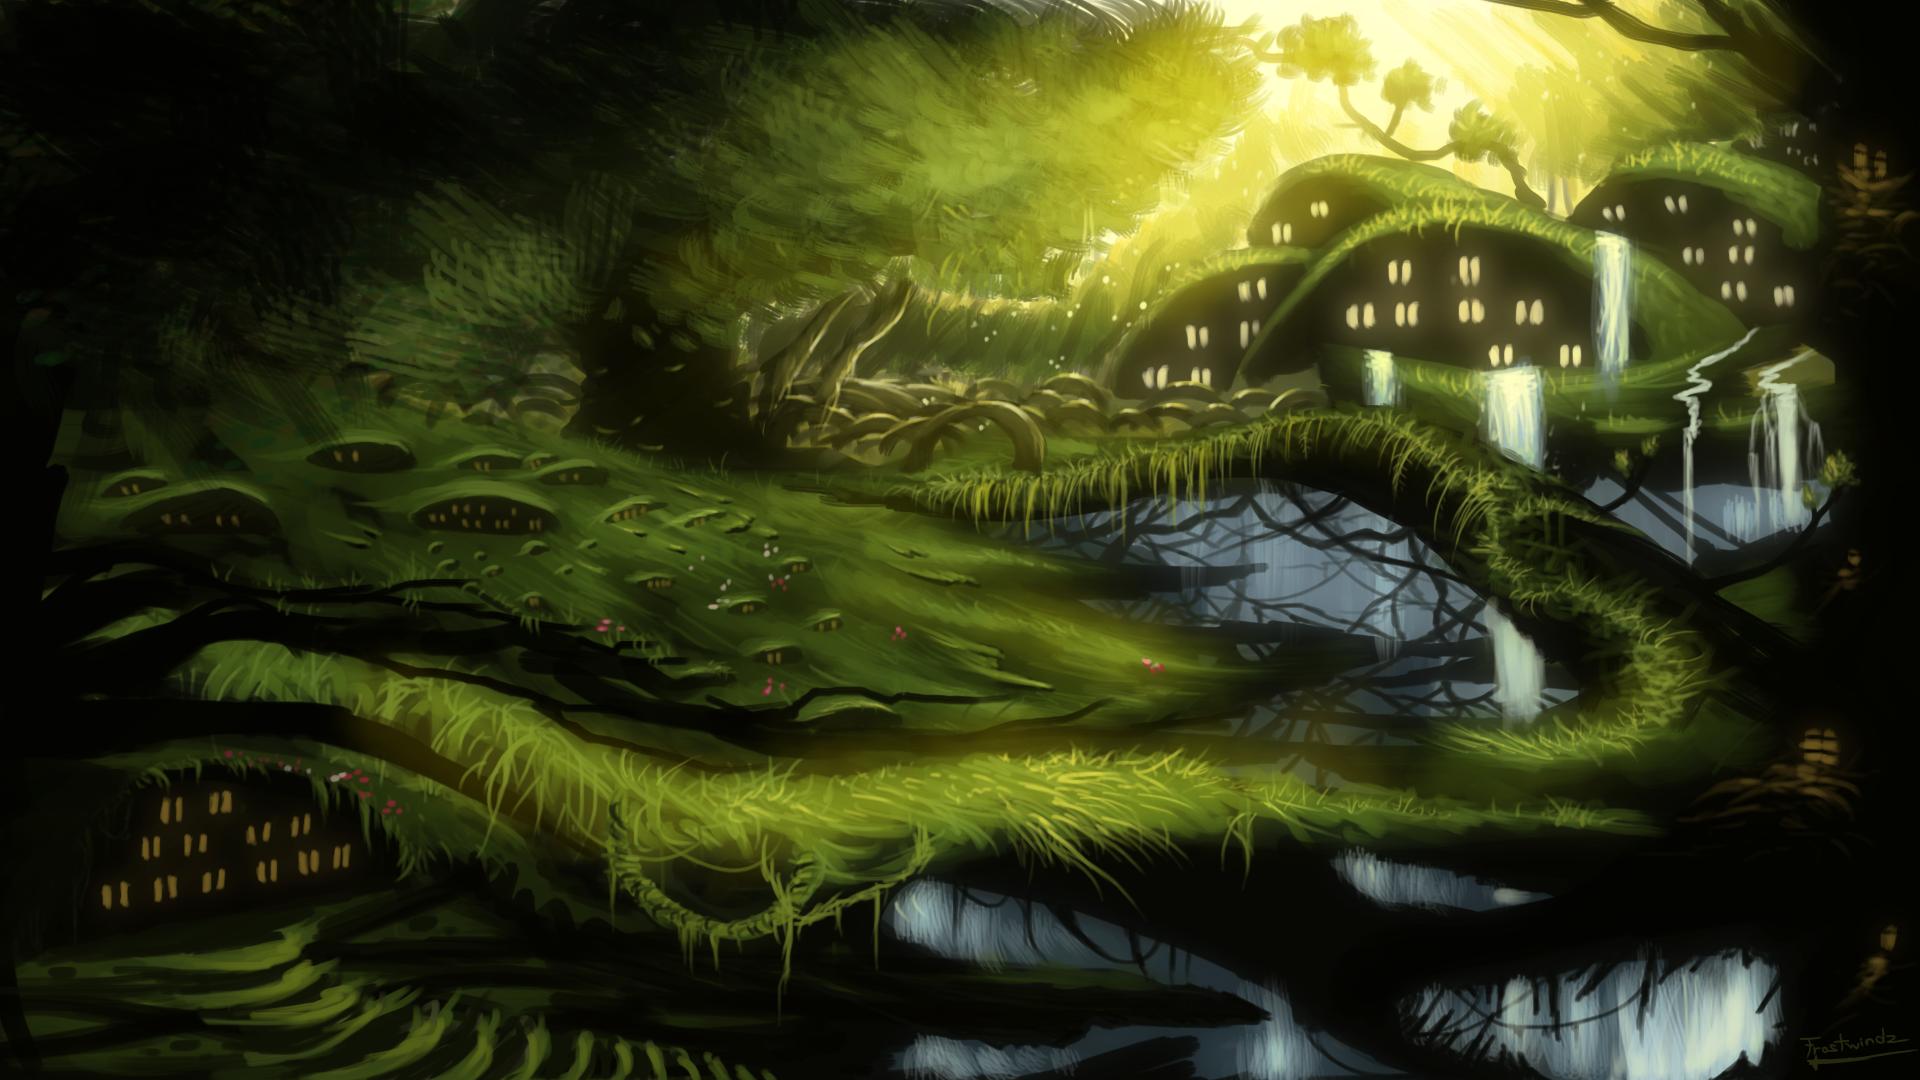 dragon landscape scenic wallpaper - photo #34